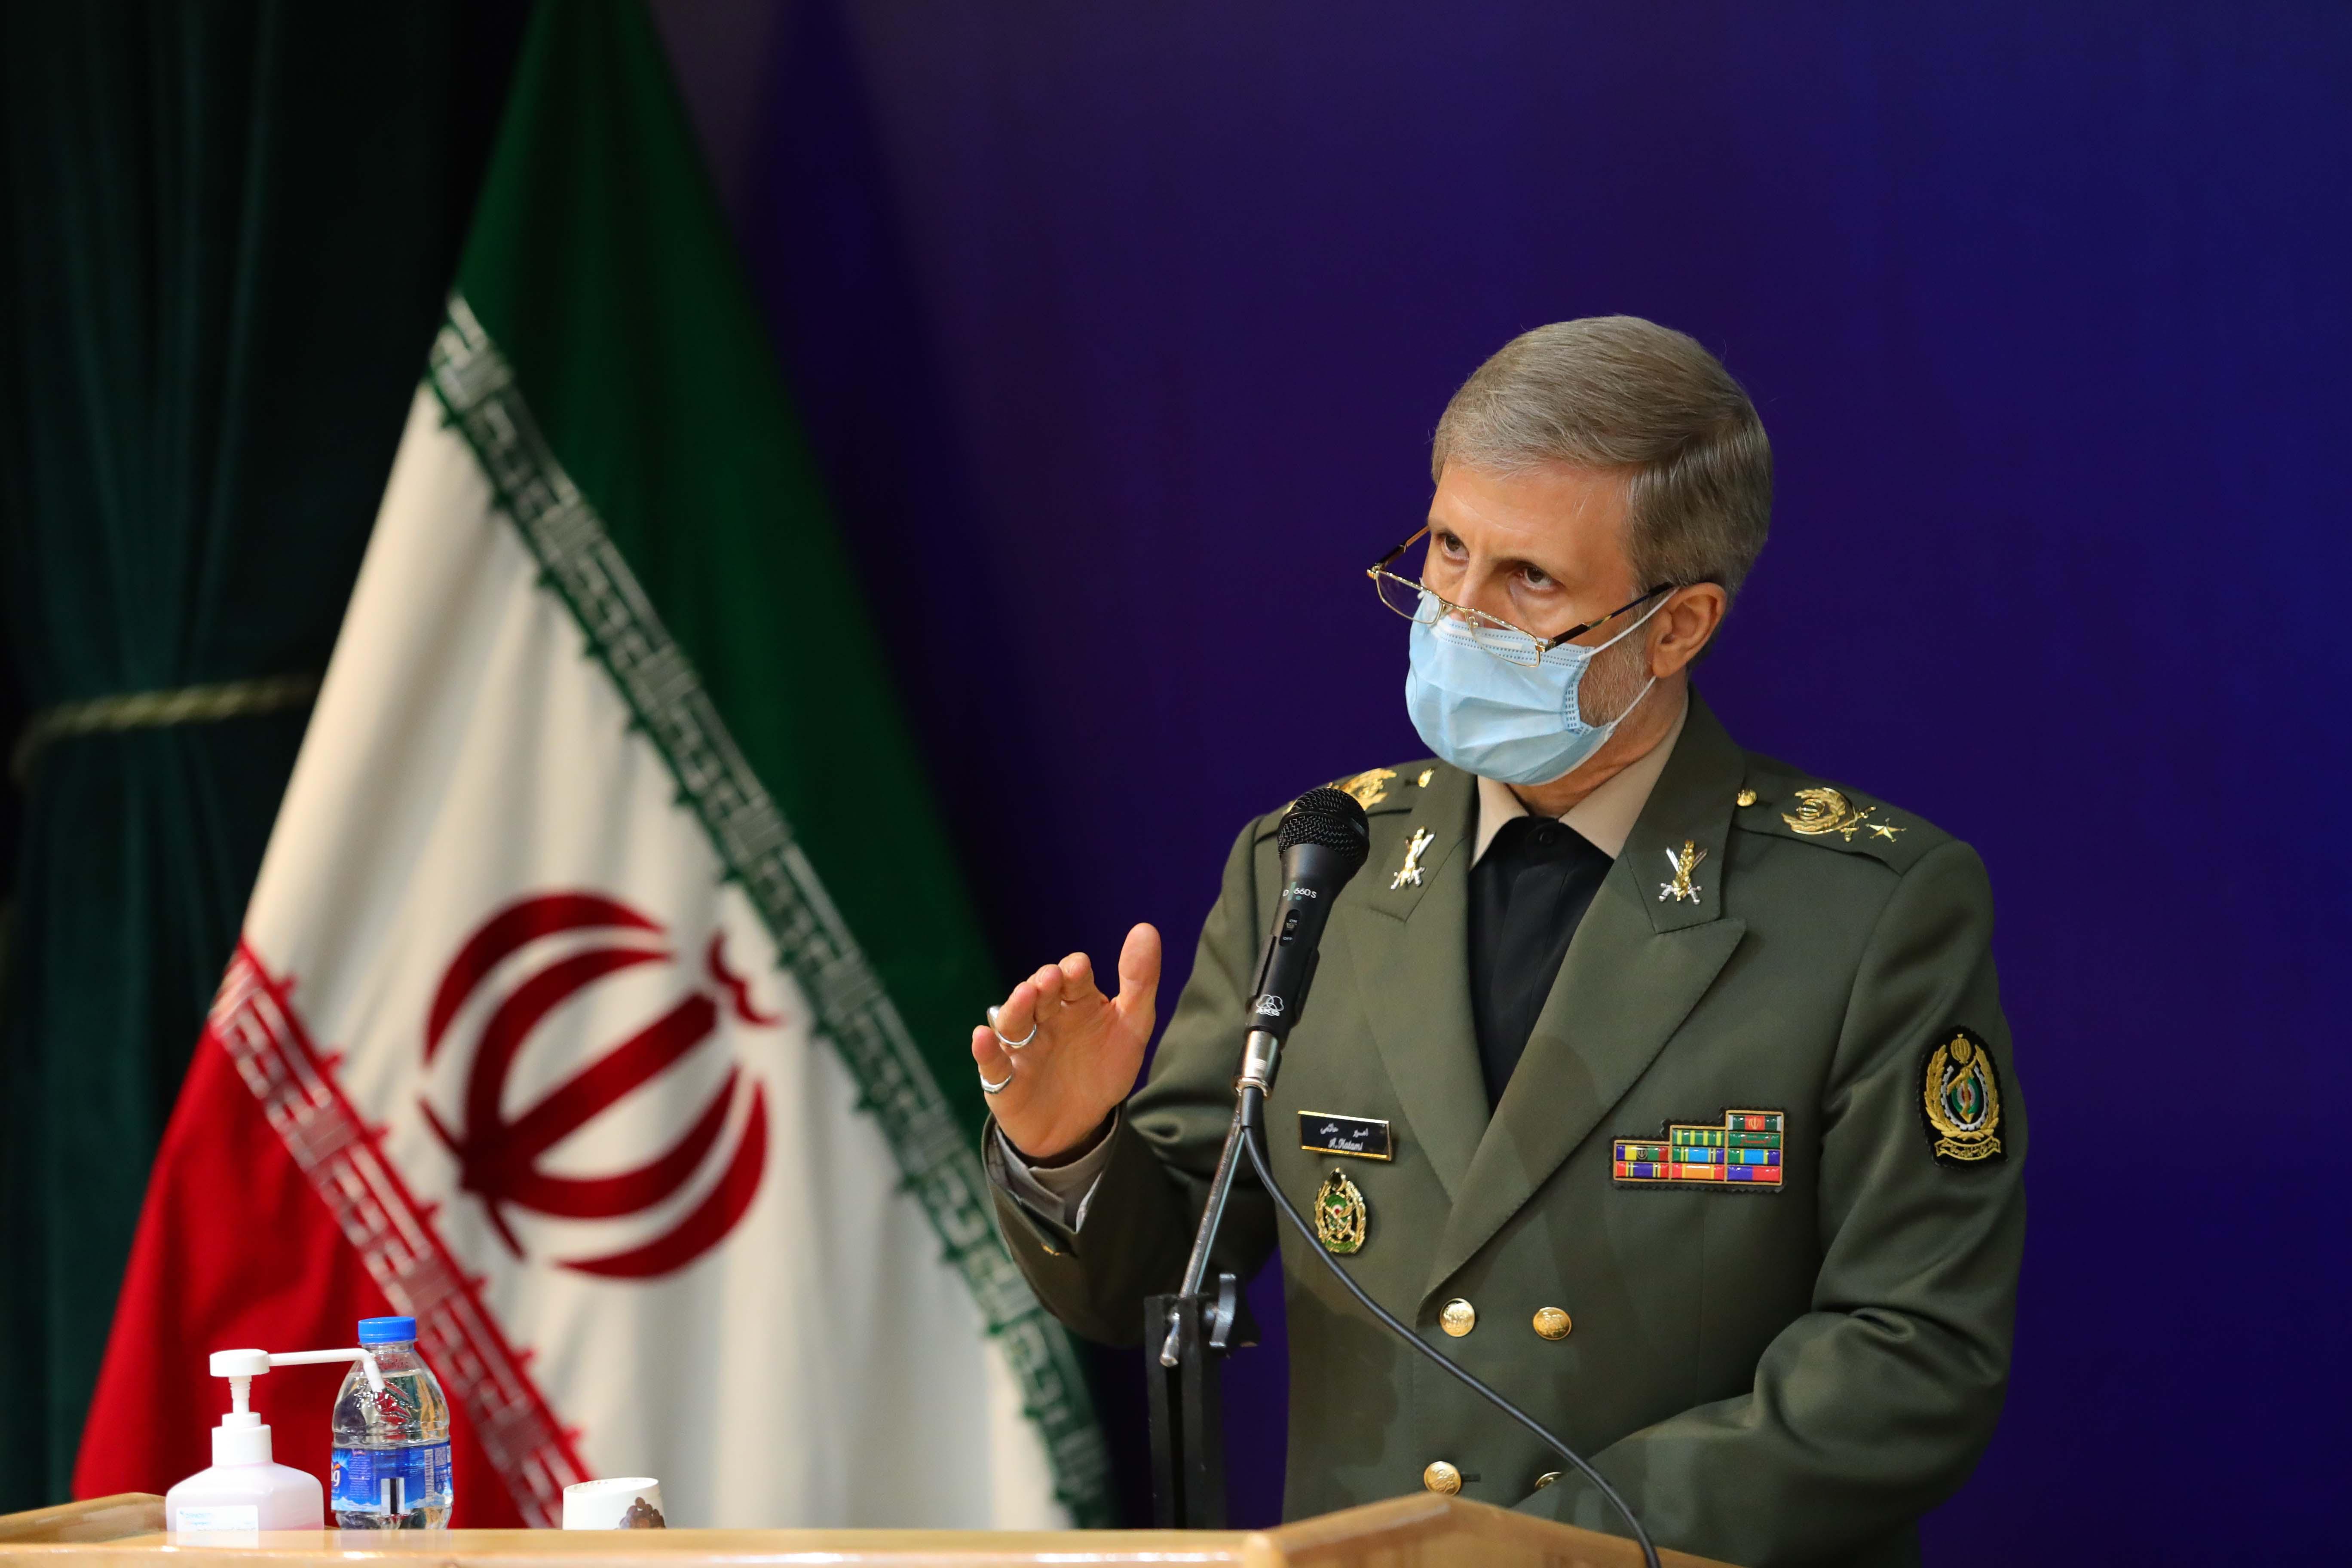 وزیر دفاع: پژوهشگران باید آن کاری را که موجب غافلگیری دشمن می شود، وجهه ی همت قرار دهند